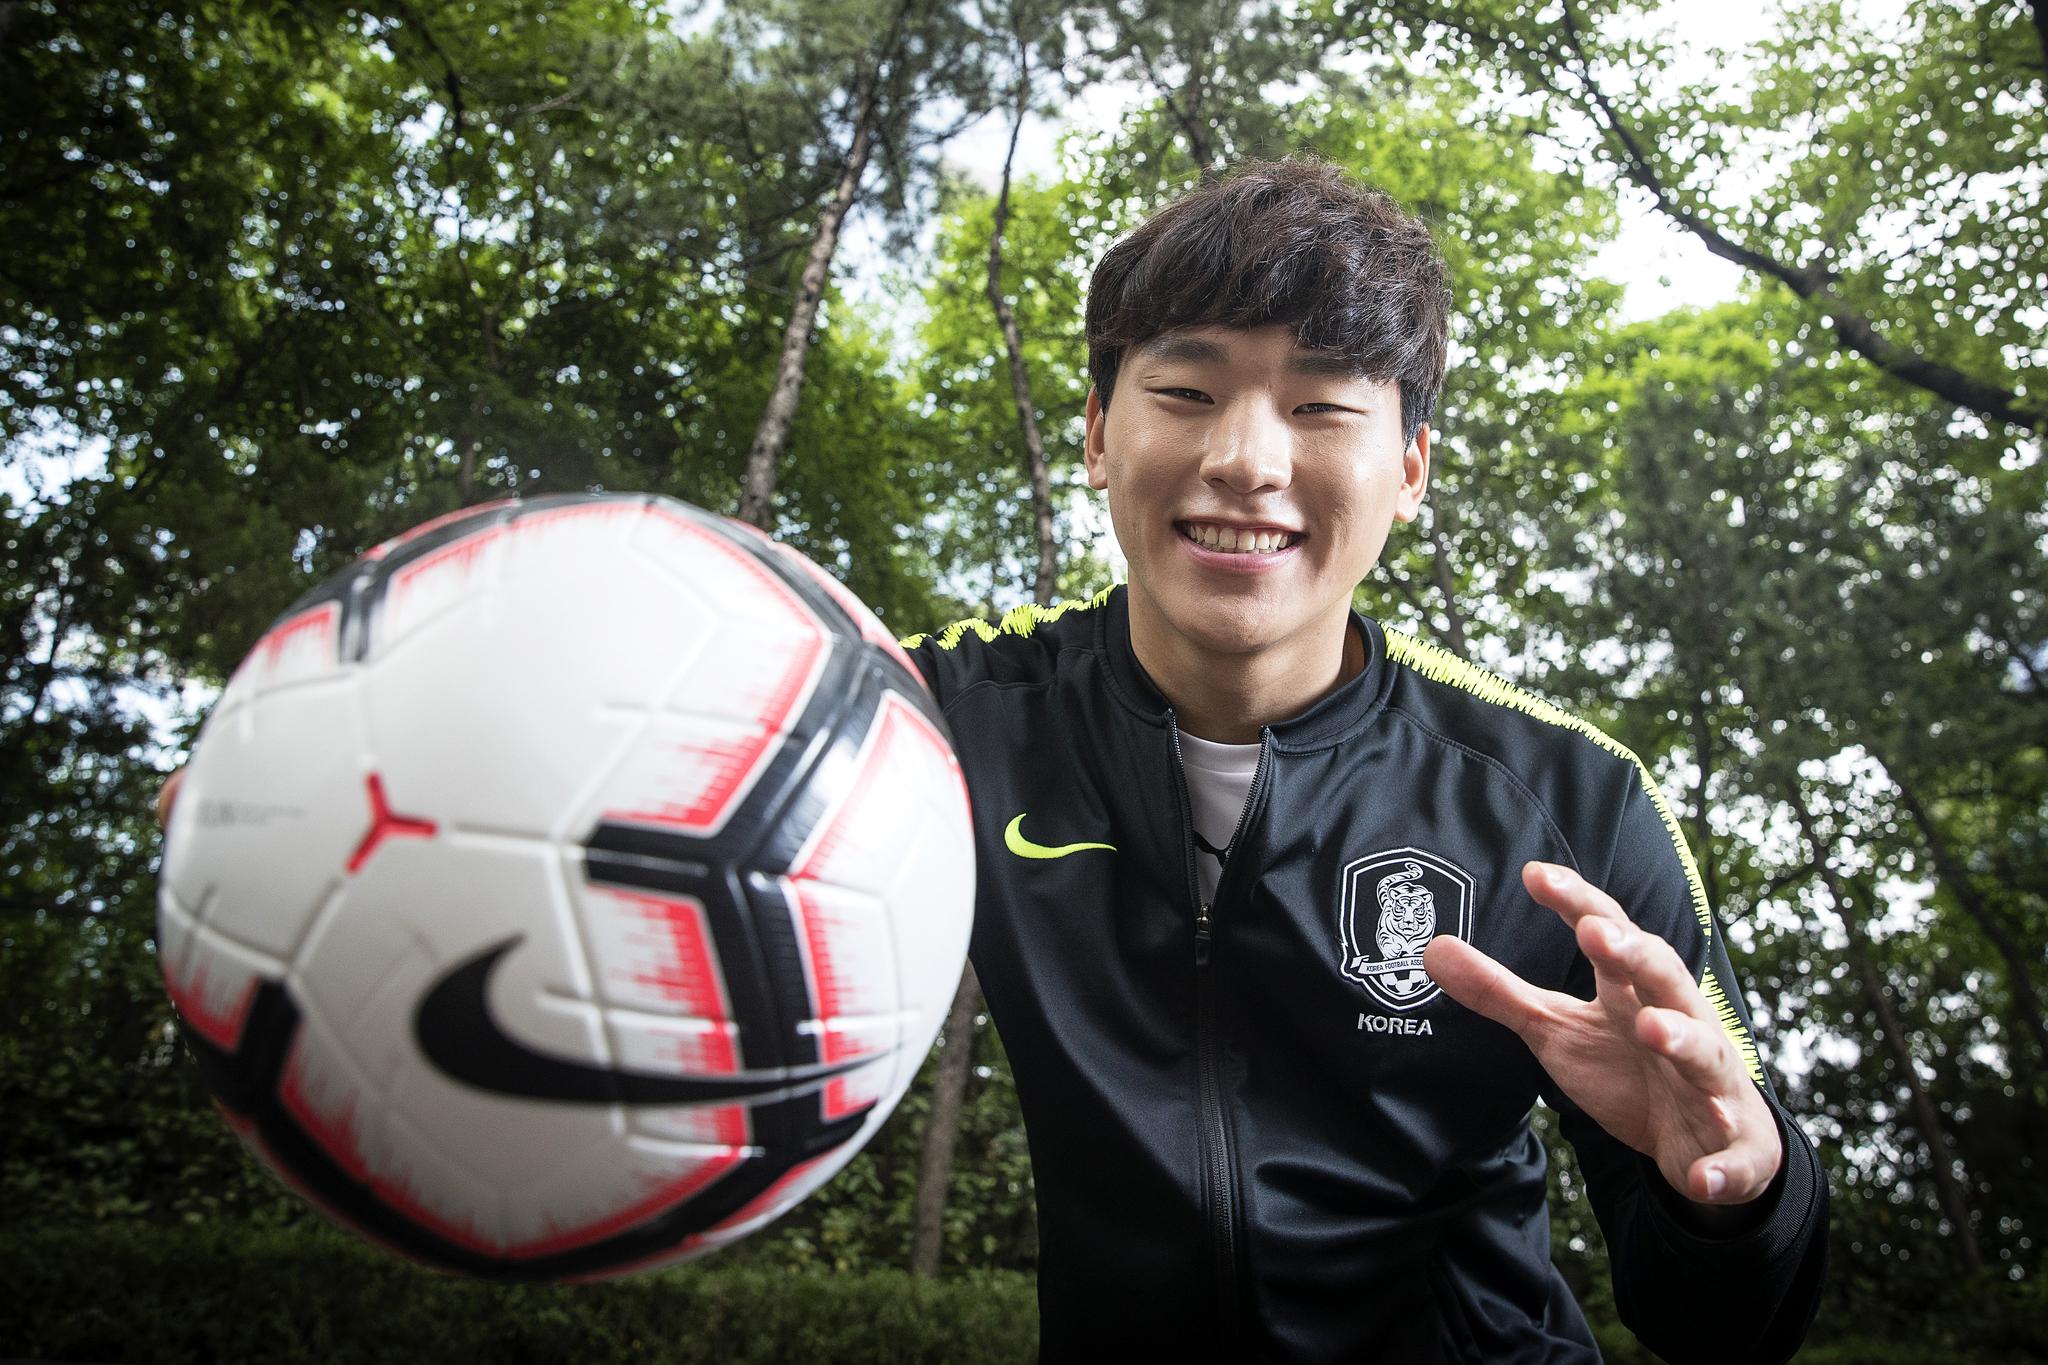 """U-20 월드컵에서 눈부신 선방을 펼친 이광연. 그는 '출연 요청이 밀려들어 정신이 없다. 지금 가장 하고 싶은건 알람 끄고 자는 것""""이라면서도 플래시가 터지자 즐겁게 촬영에 임했다. [장진영 기자]"""